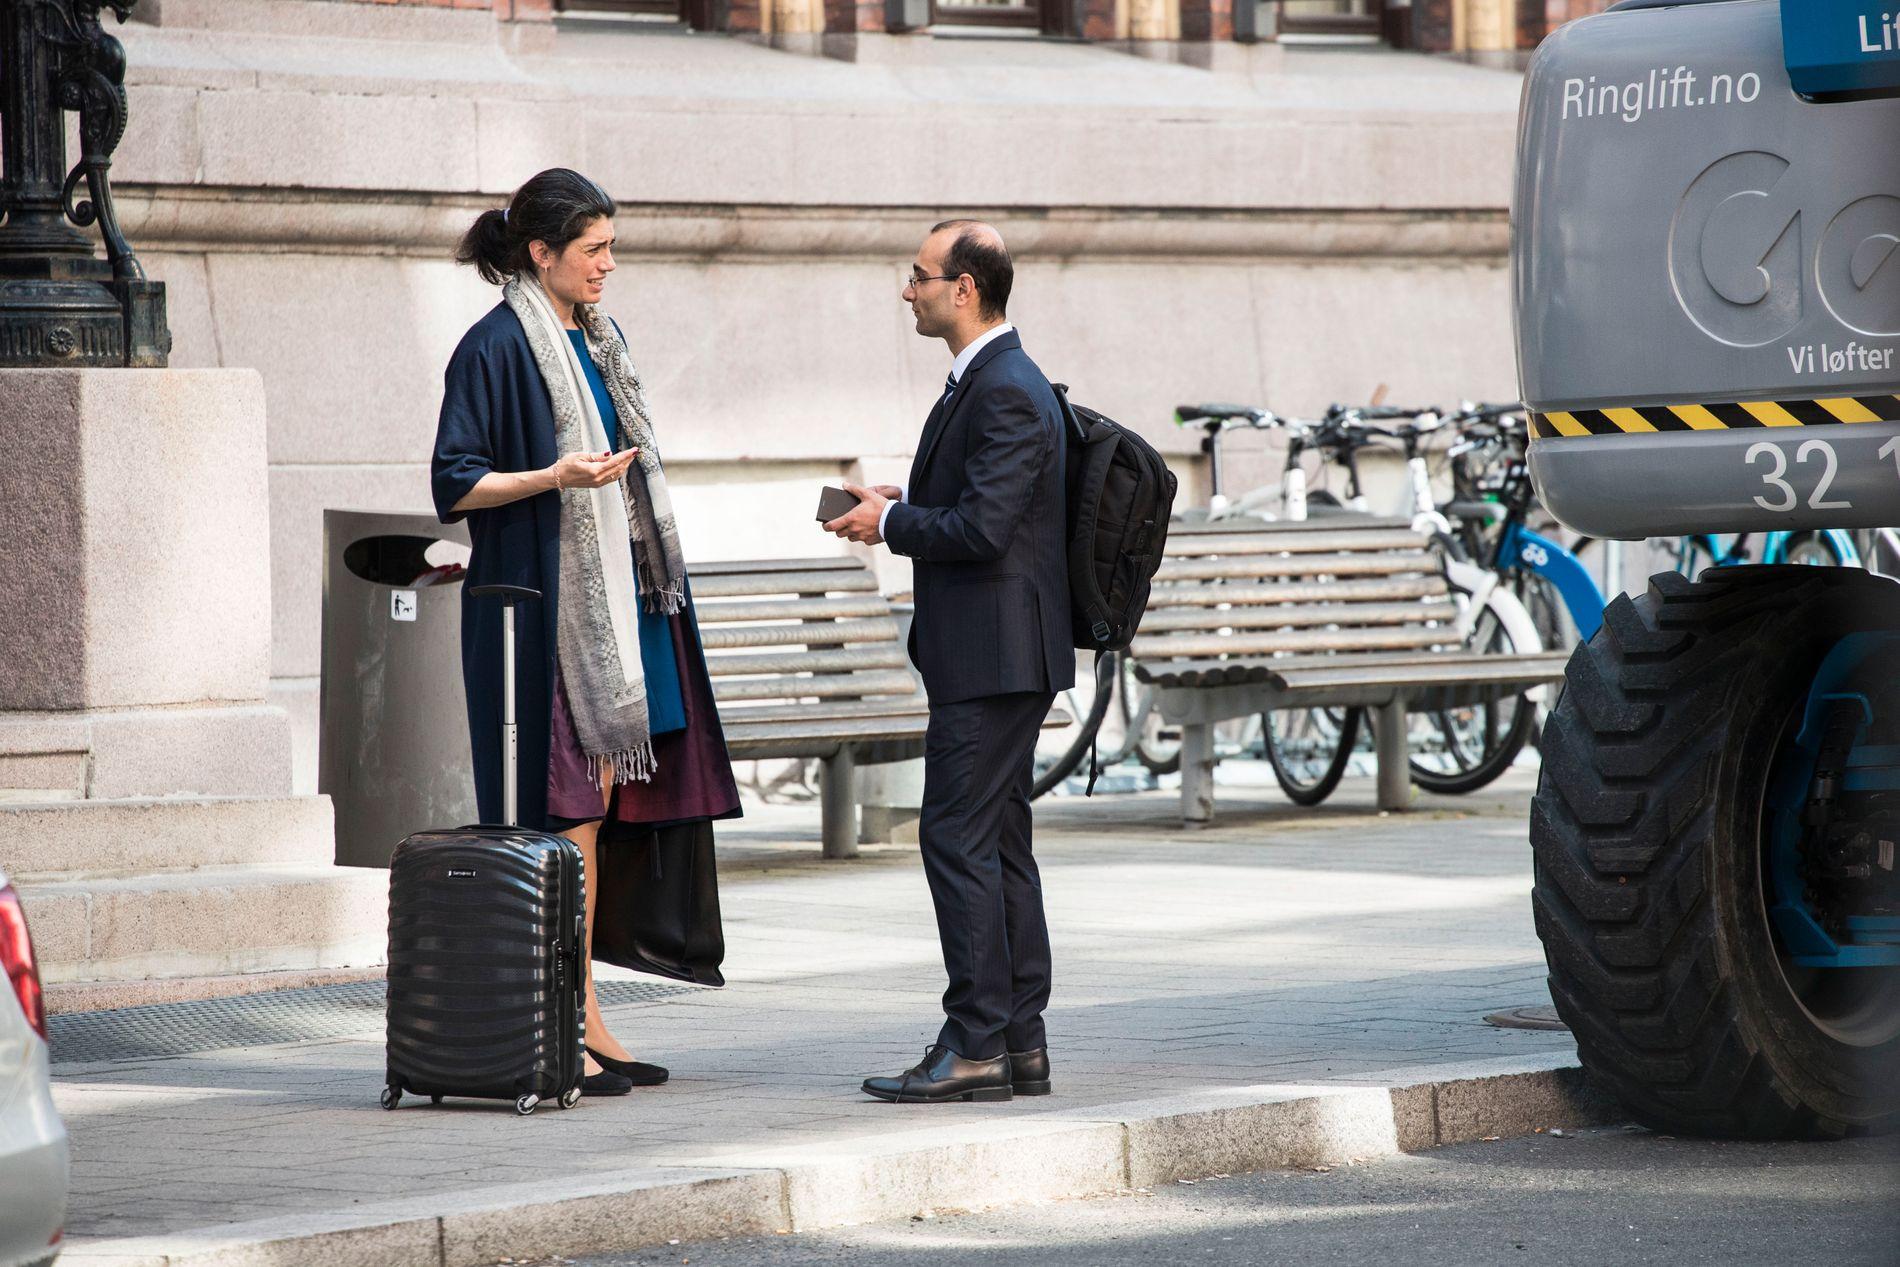 SEPARERT: Her er Racha Maktabi og Amir Mirmotahari avbildet utenfor Borgarting lagmannsrett i mai, bare et par uker før pågripelsen. De var allerede separert på det tidspunktet.